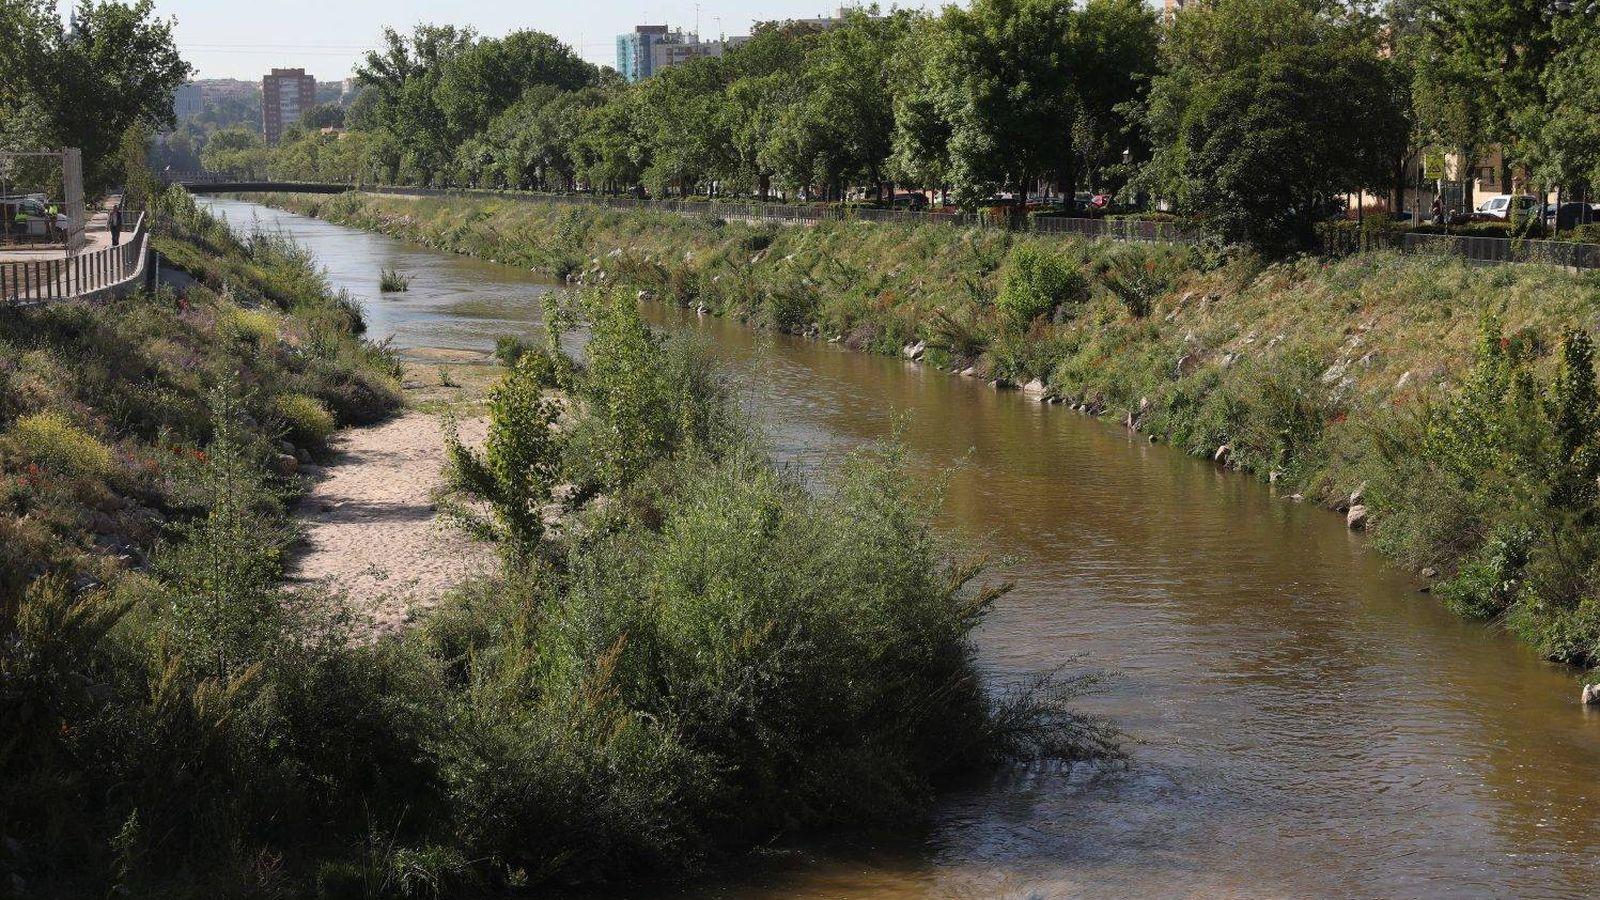 Foto: El río Manzanares, tras las labores de renaturalización en uno de sus tramos urbanos. (Ayuntamiento de Madrid)